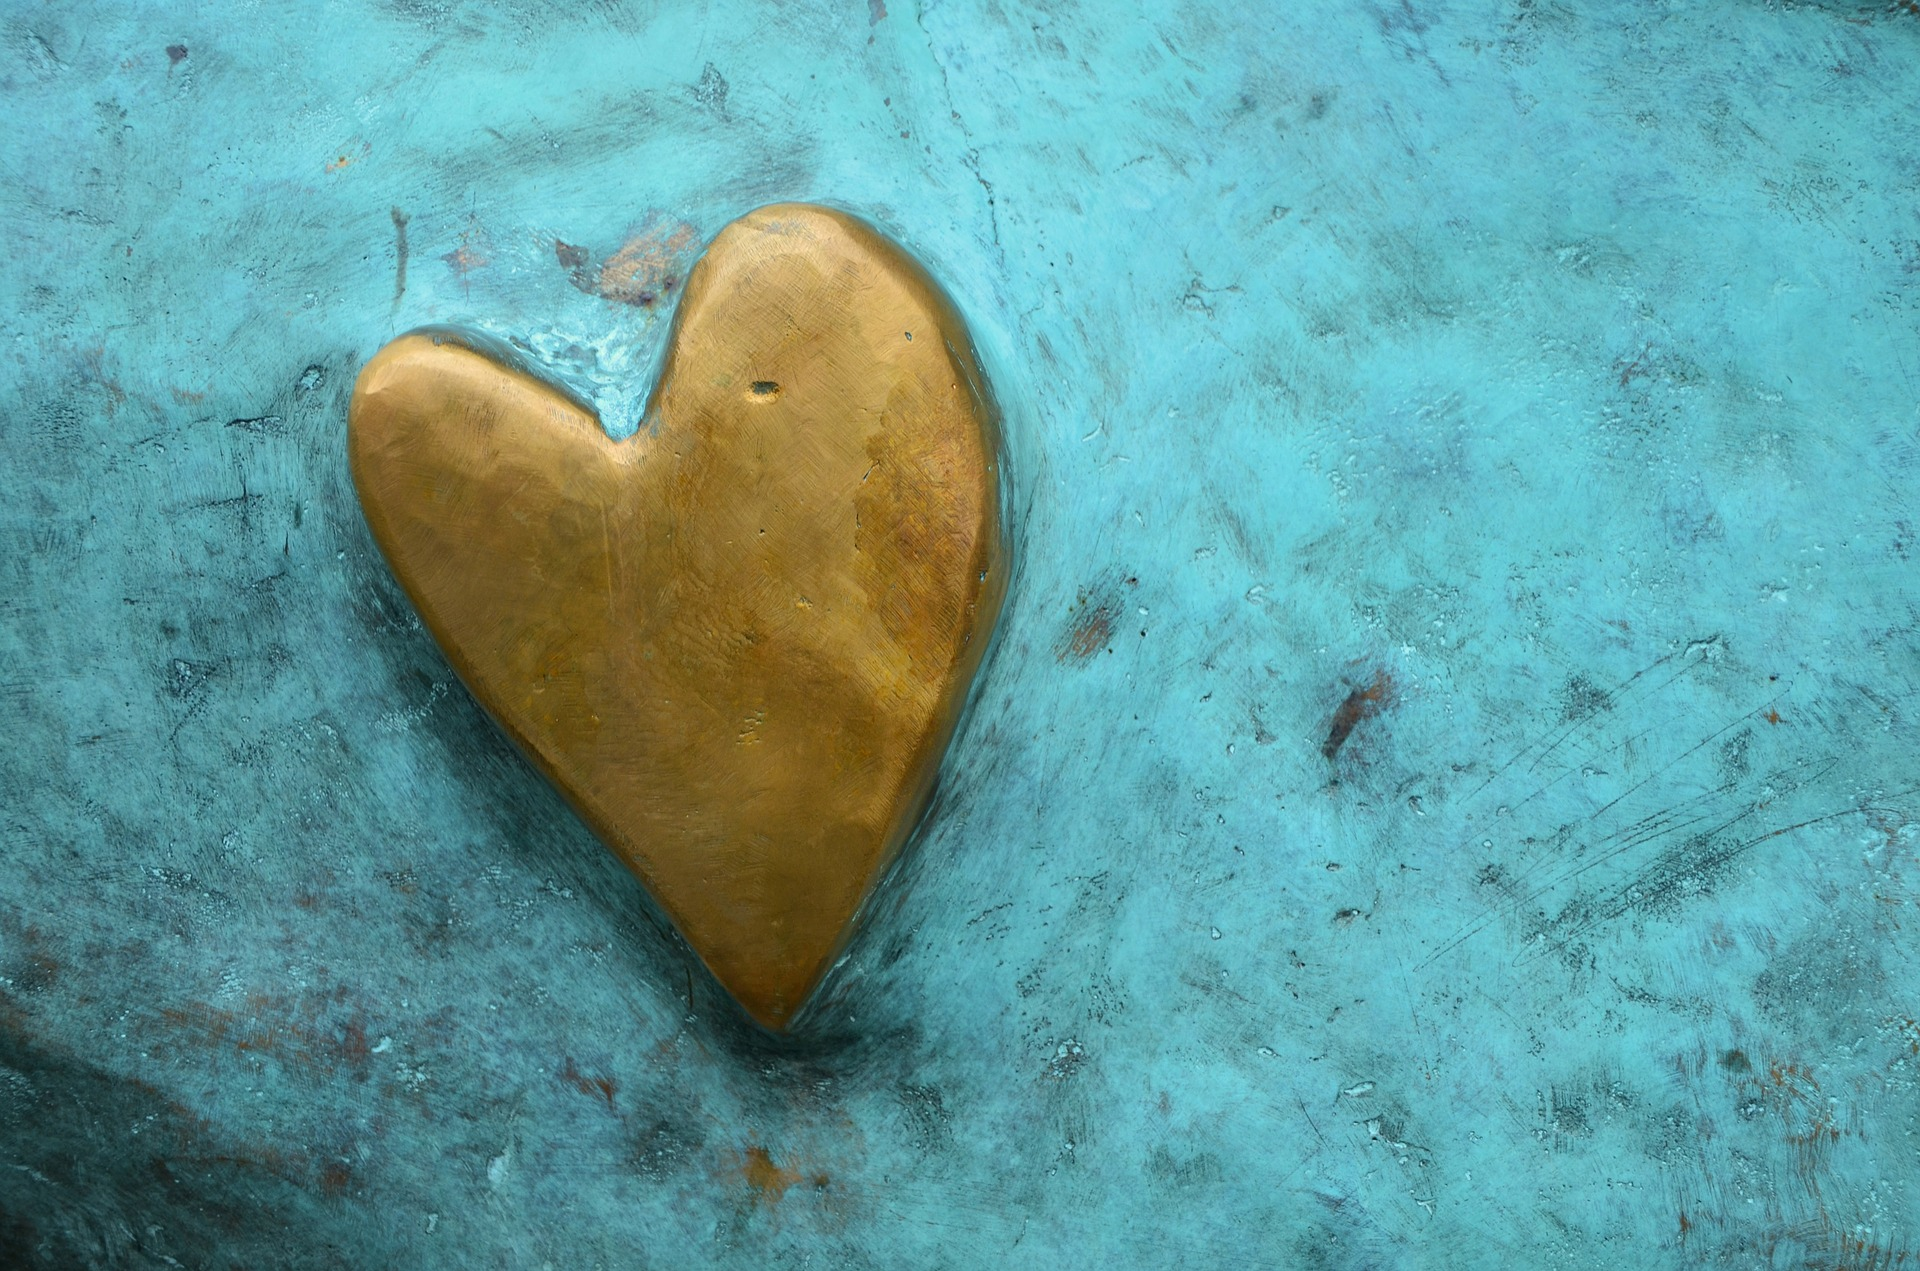 gold.heart.on.turquoise.pixabay.jpeg